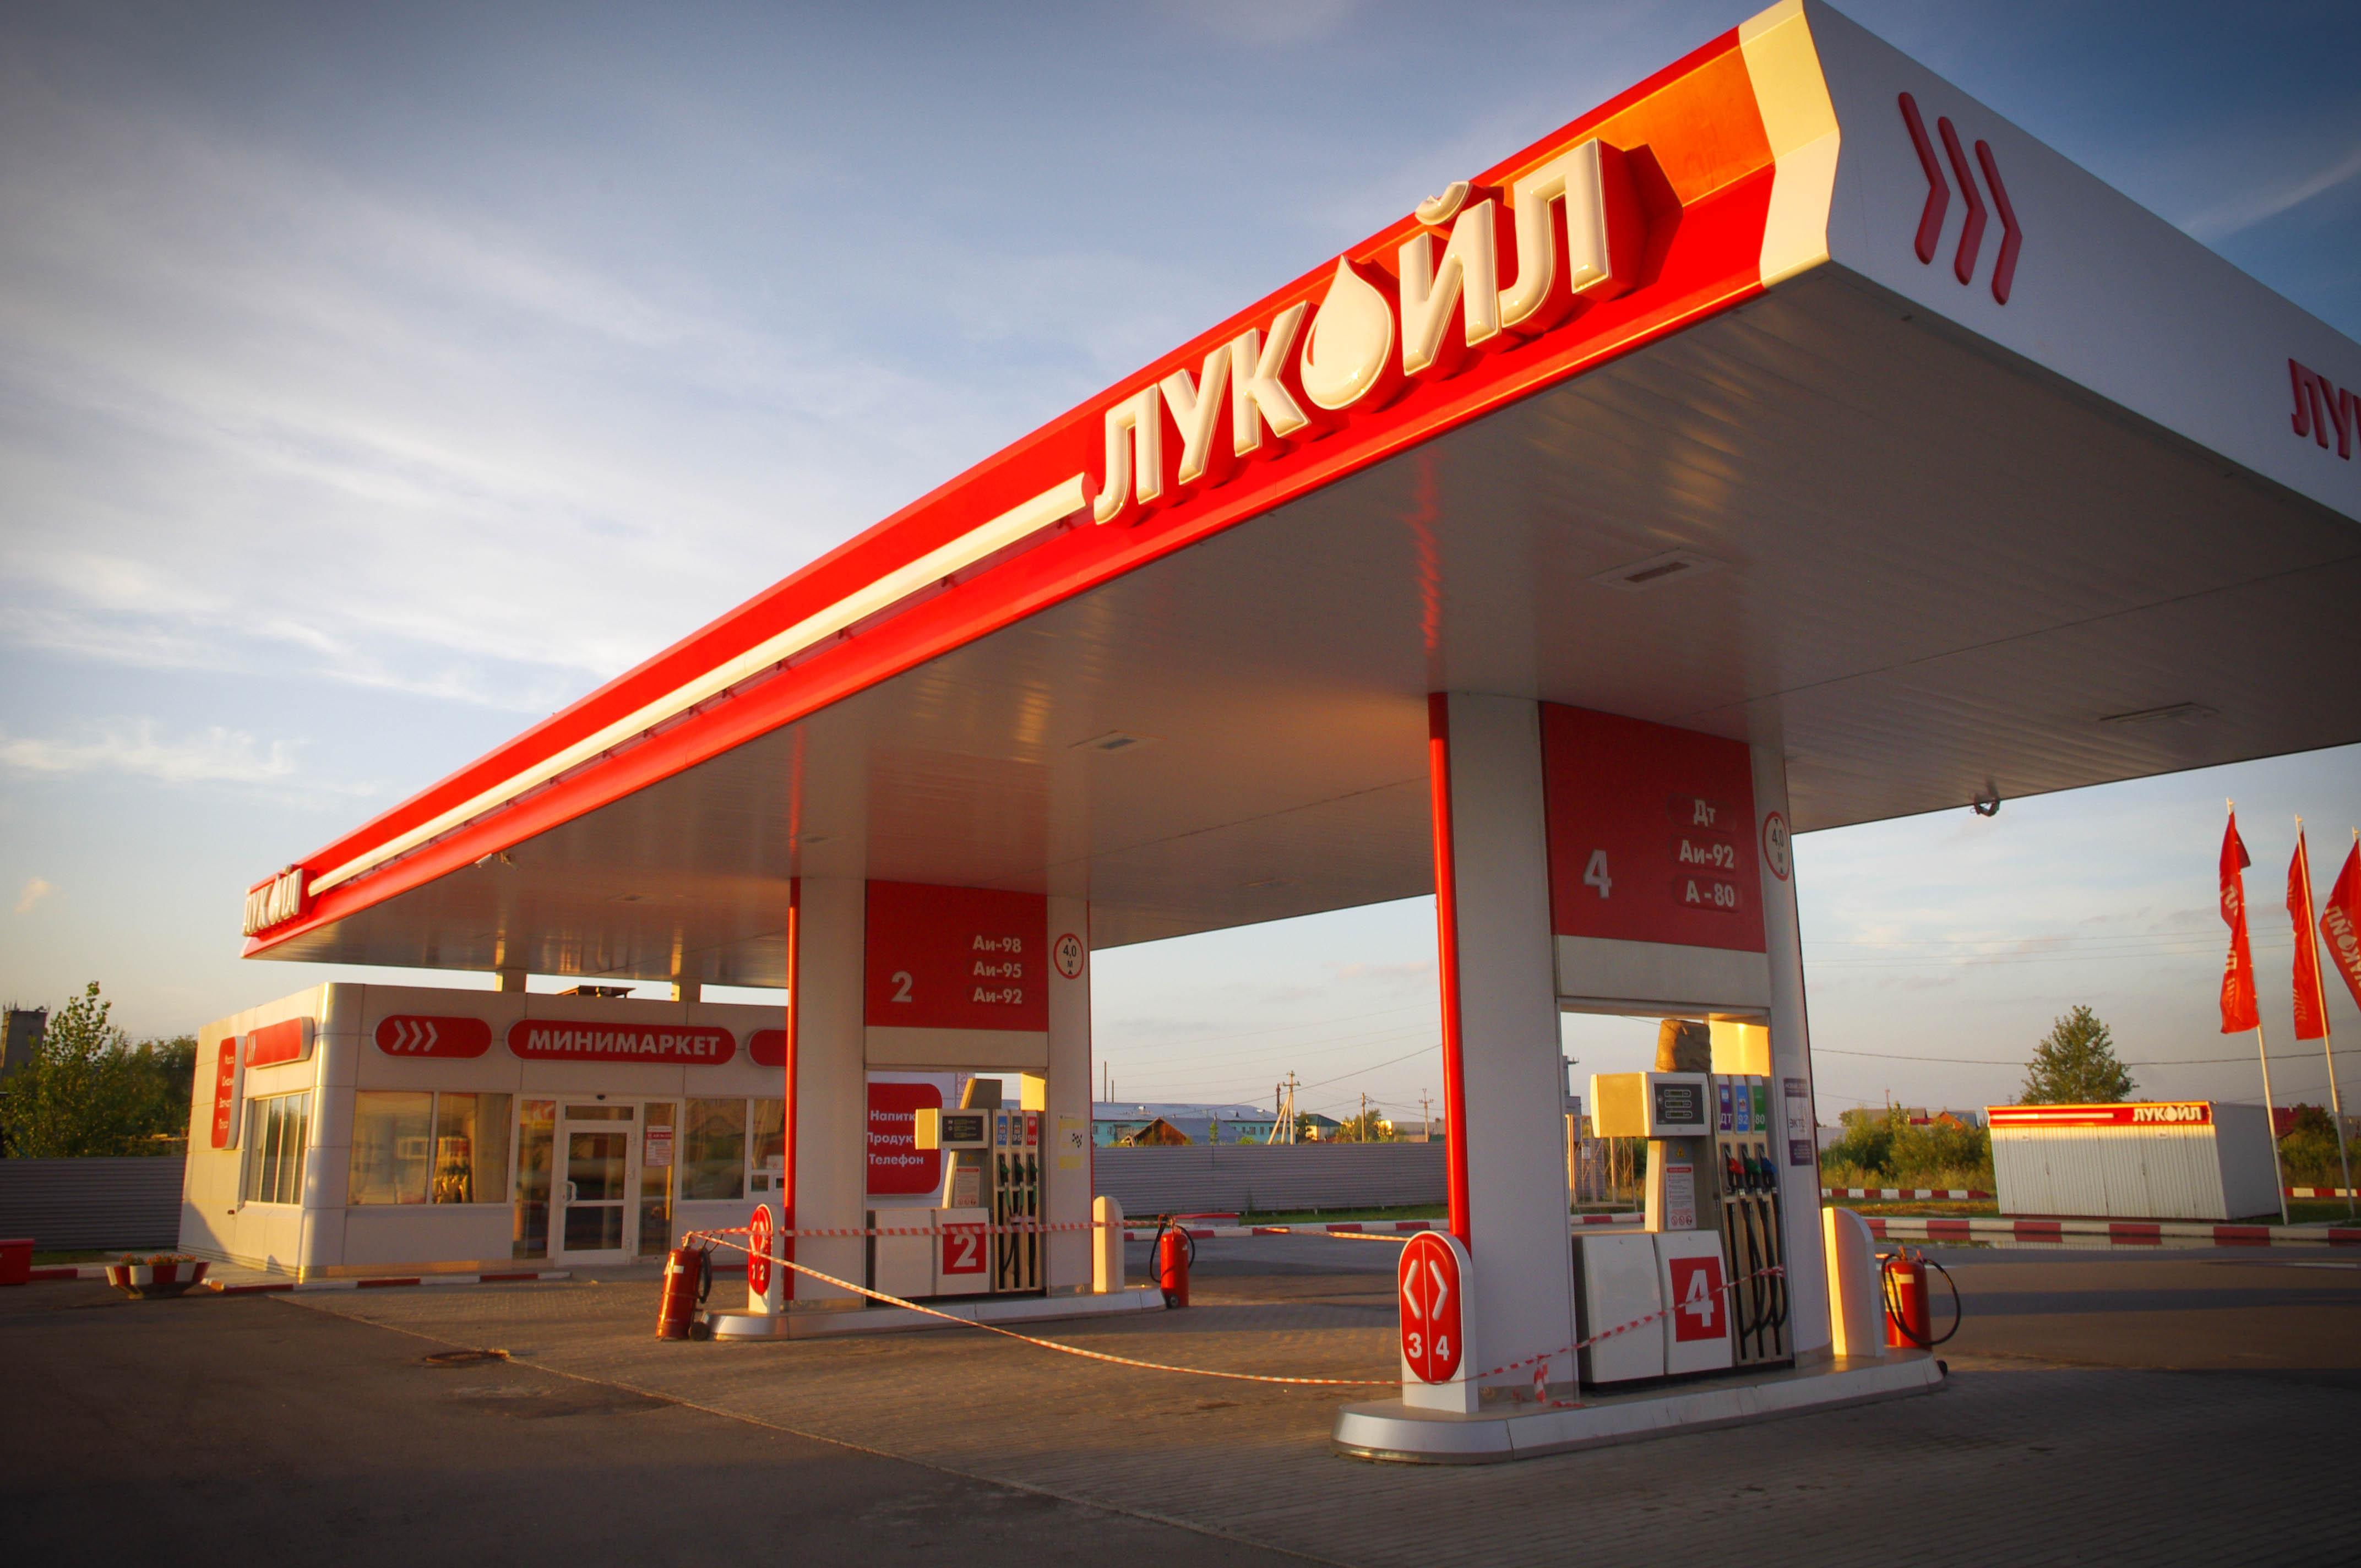 ВУфе поменялись цены набензин идизельное горючее